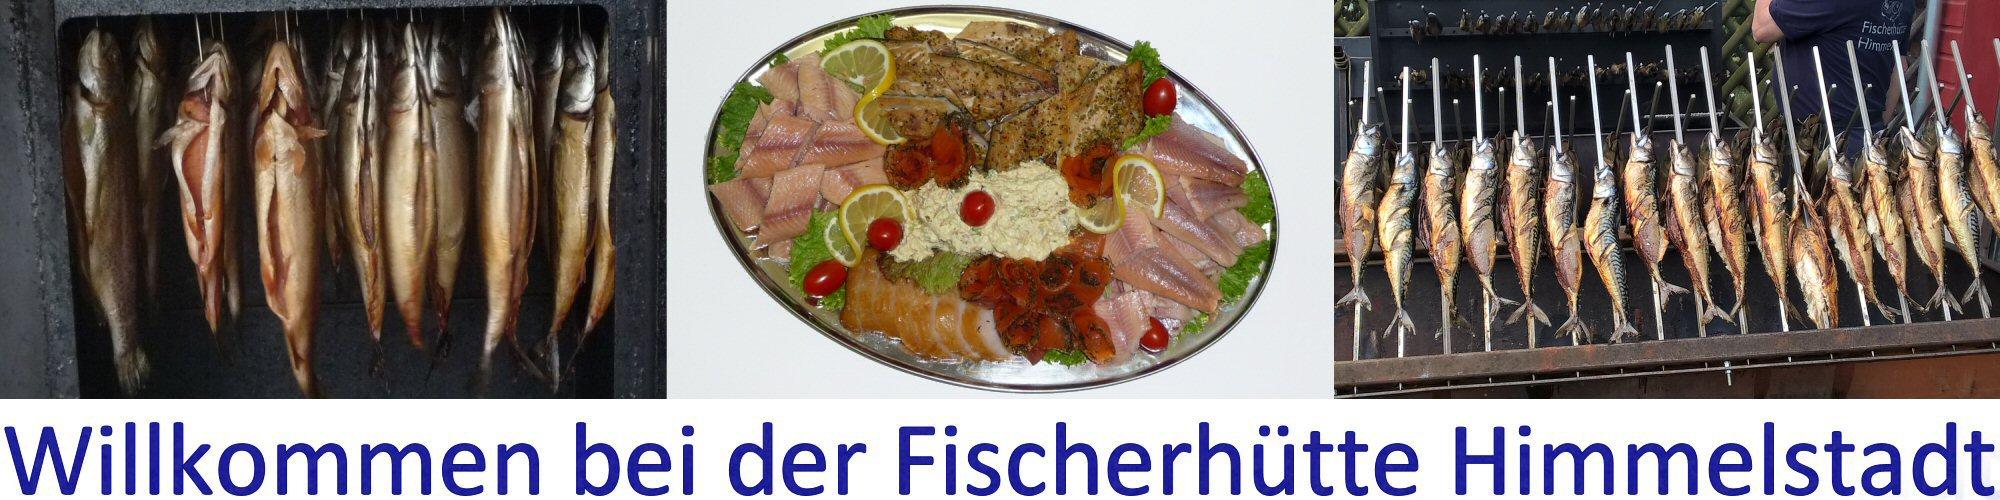 Fischerhütte Himmelstadt